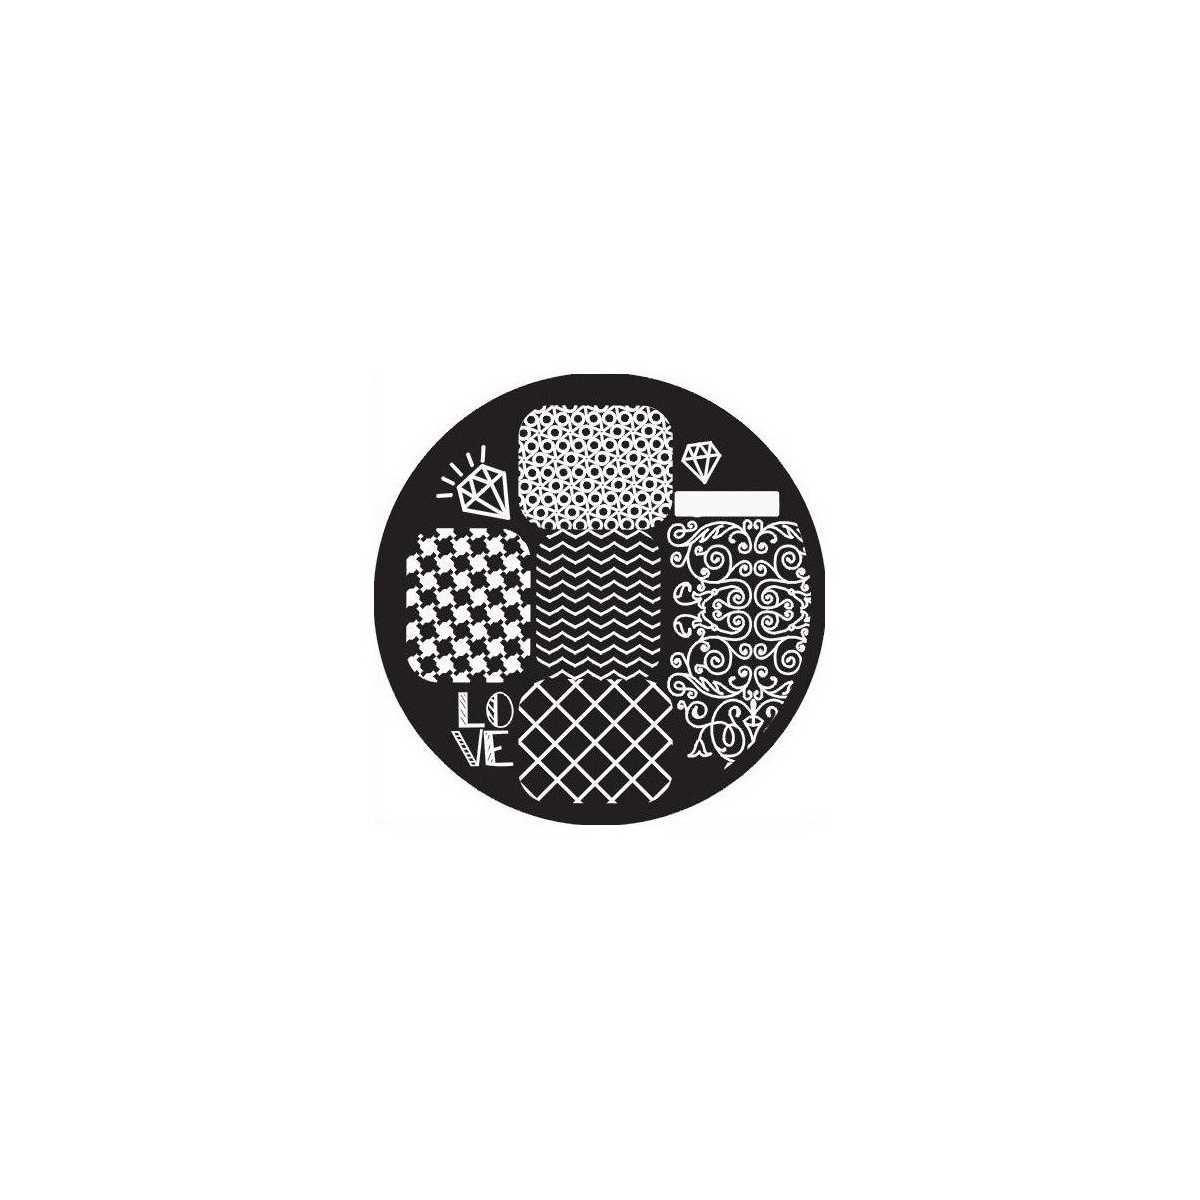 https://www.kit-manucure.com/2140-thickbox_default/plaque-de-stamping-love-diamant-et-motifs-intégraux.jpg